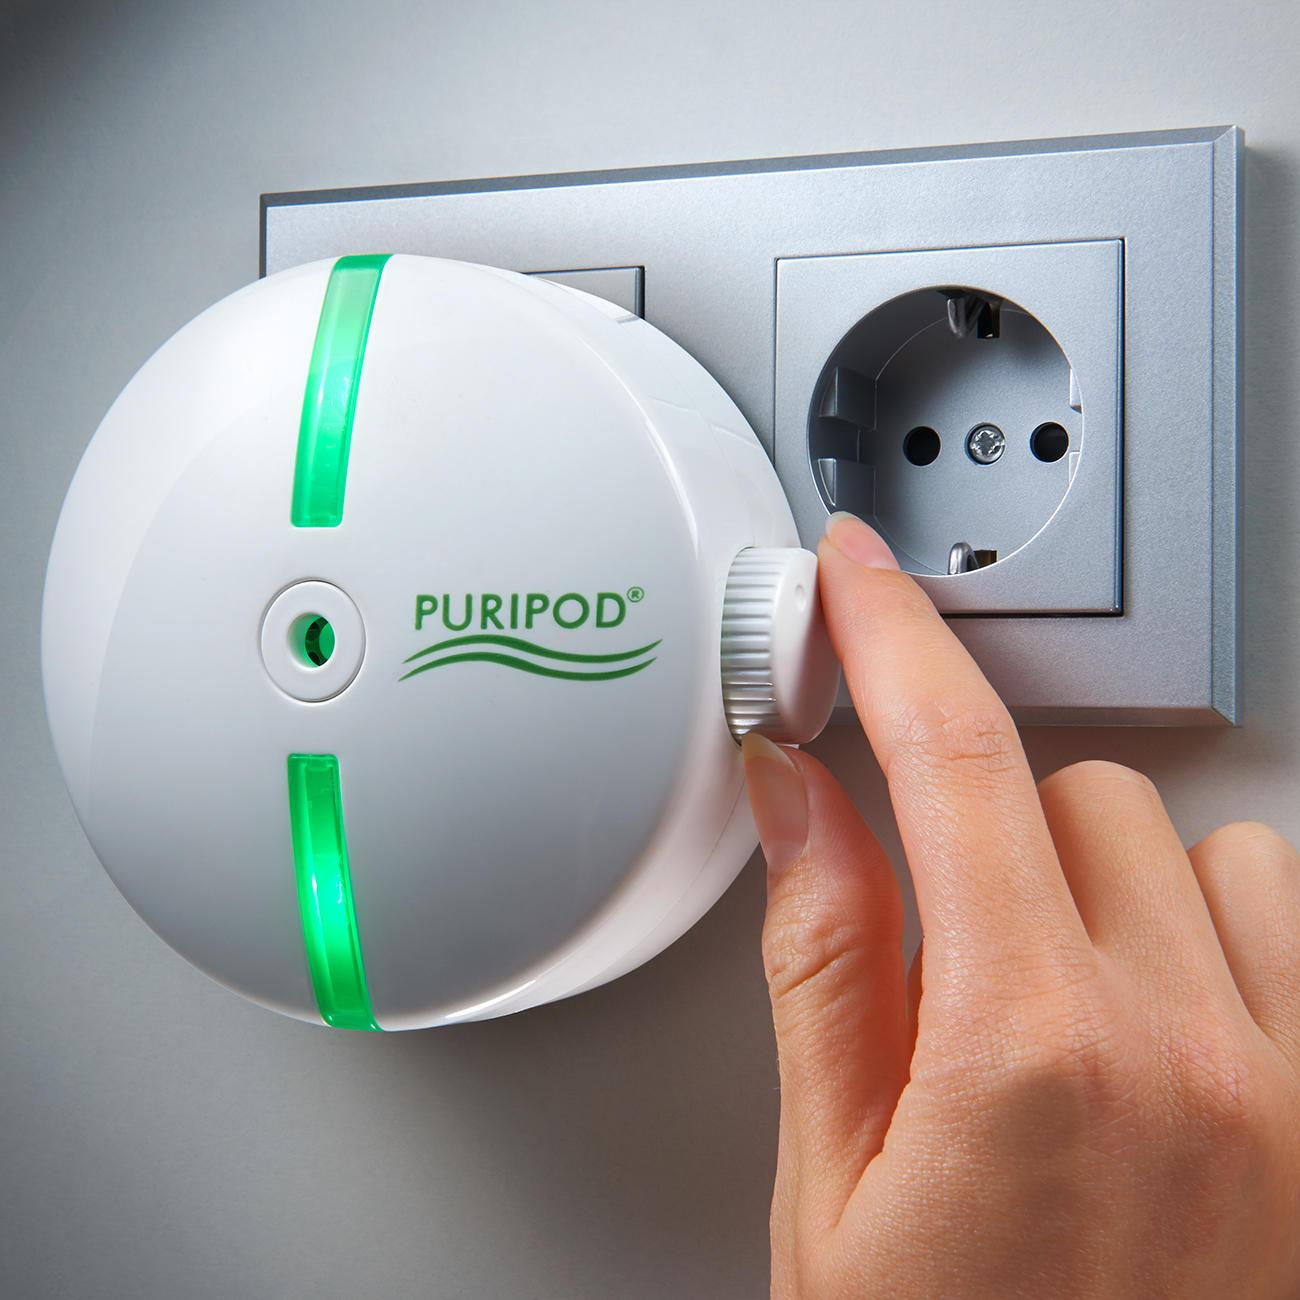 purificateur d air ionique puripod pas cher pro idee. Black Bedroom Furniture Sets. Home Design Ideas